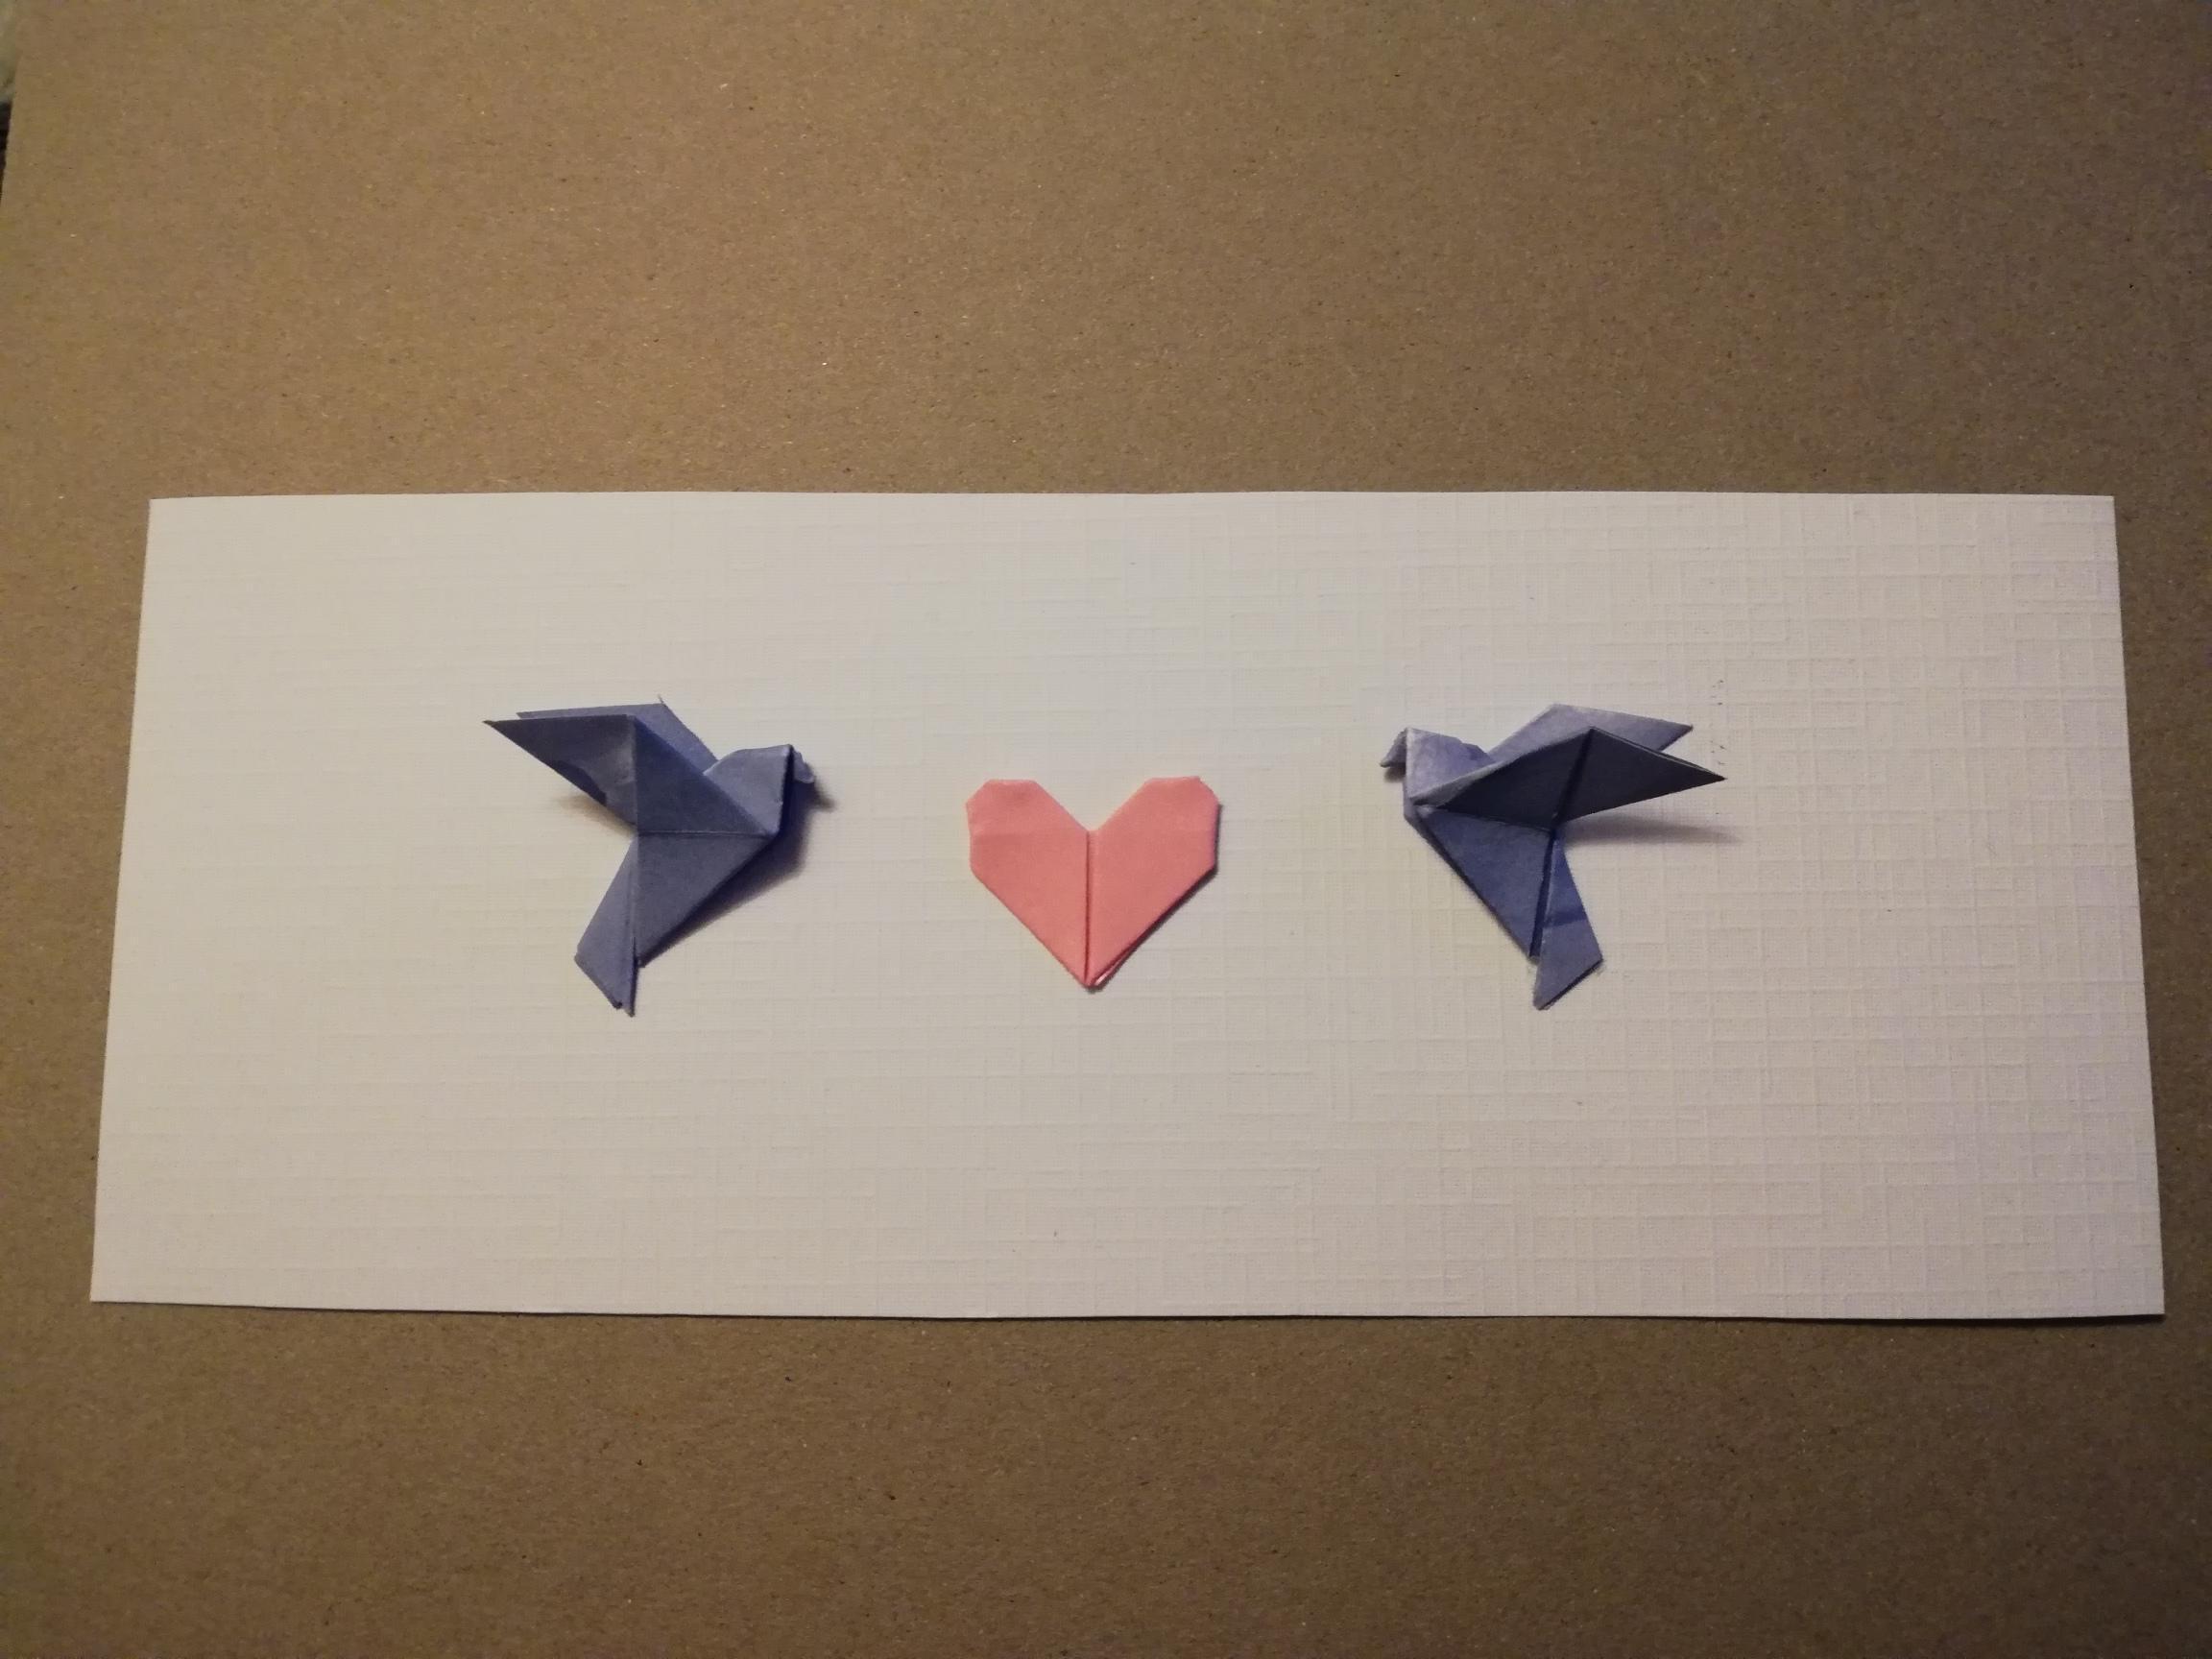 troc de troc carte de félicitations mariage image 0